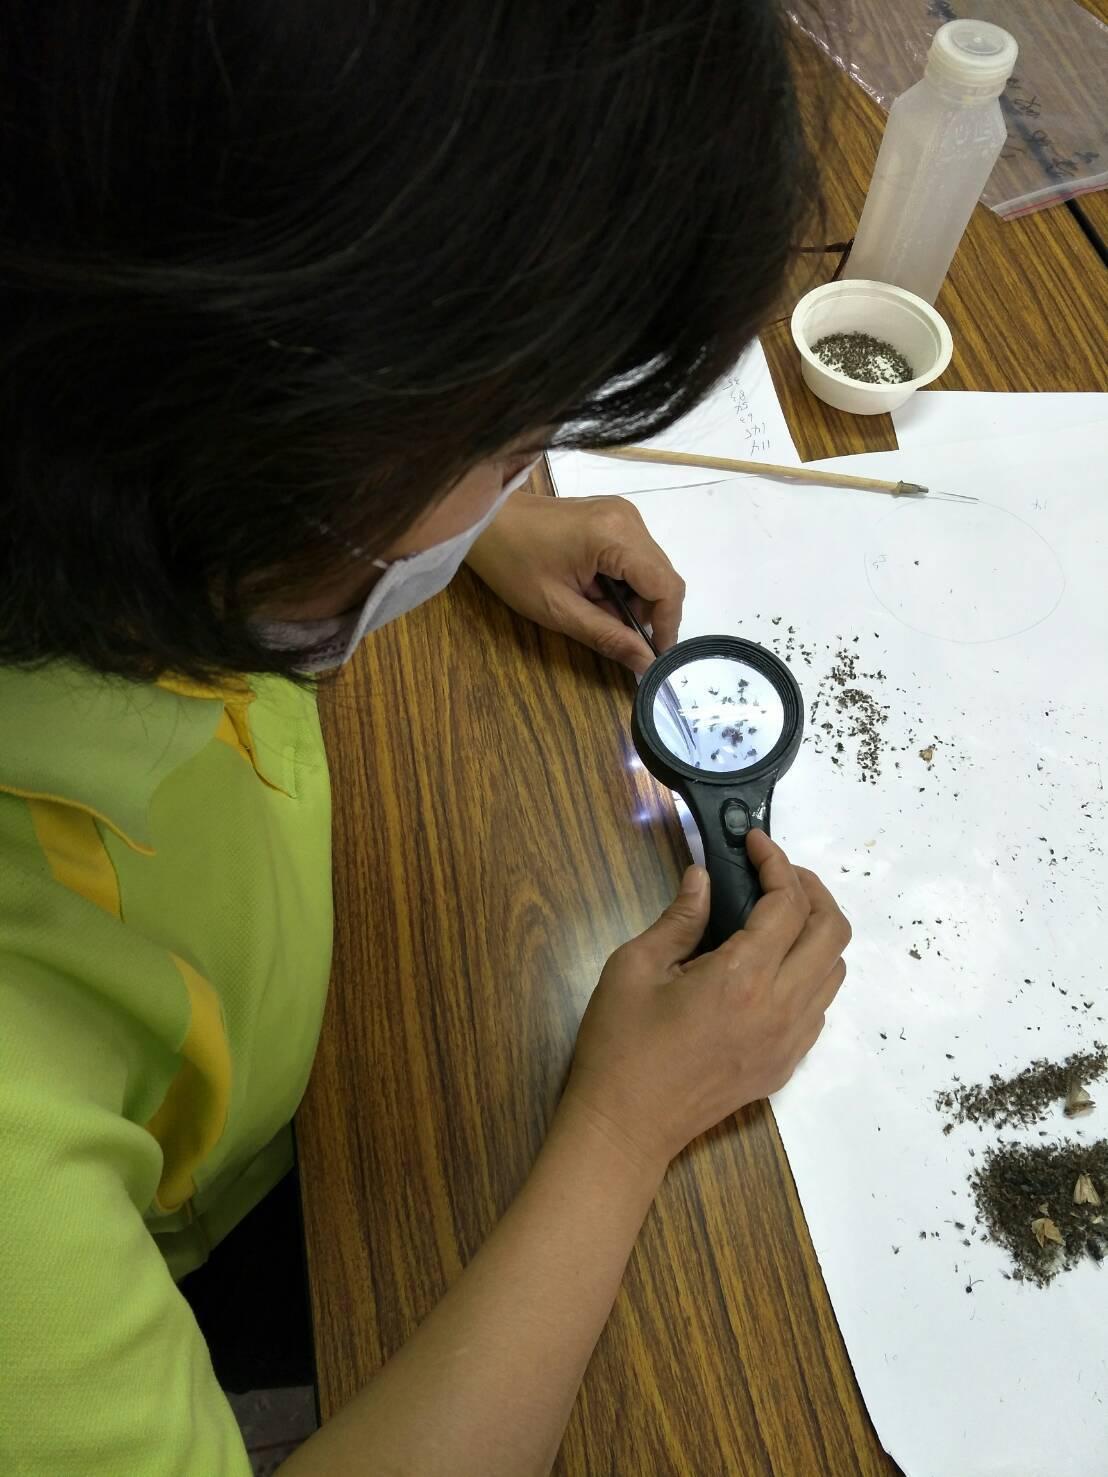 防疫人員計算捕獲蚊體種類與數量。圖/高雄市衛生局提供